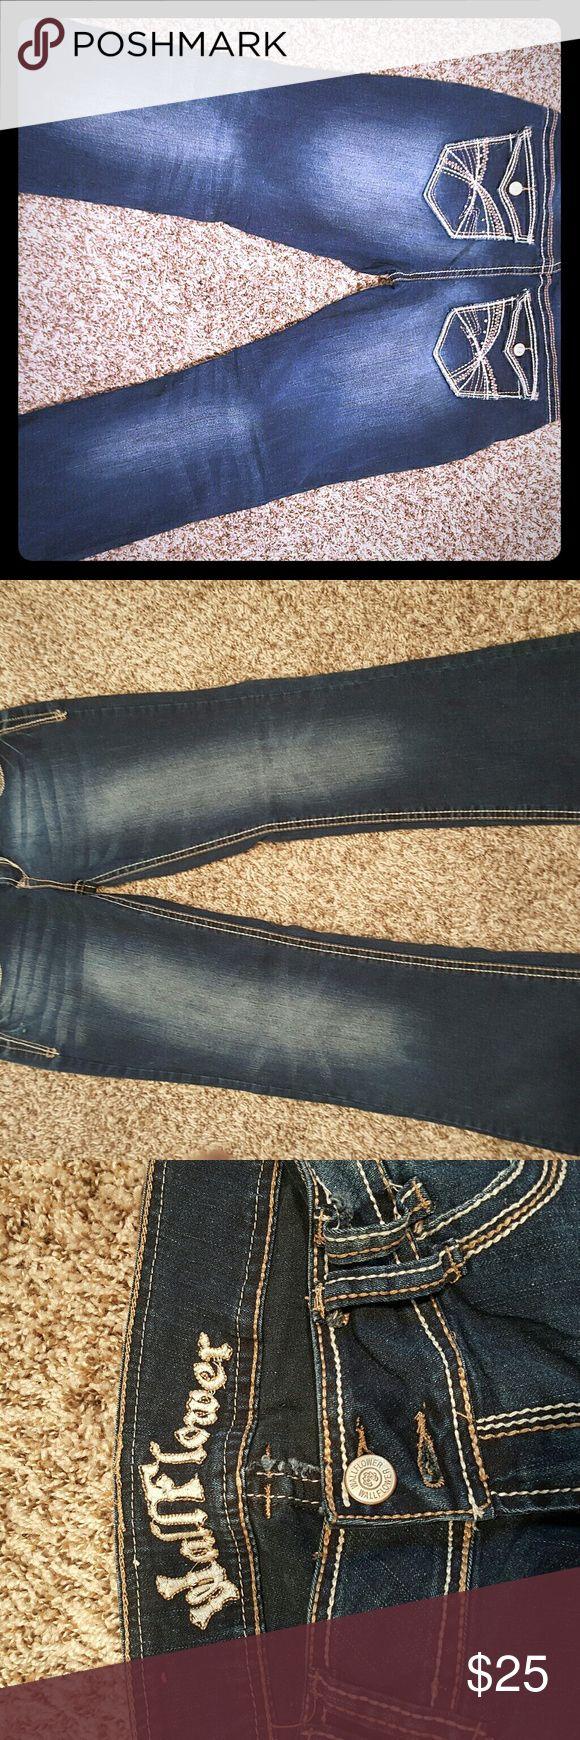 Wallflower jeans sz15 Wallflower jeans sz 15 wore once Wallflower Jeans Boot Cut